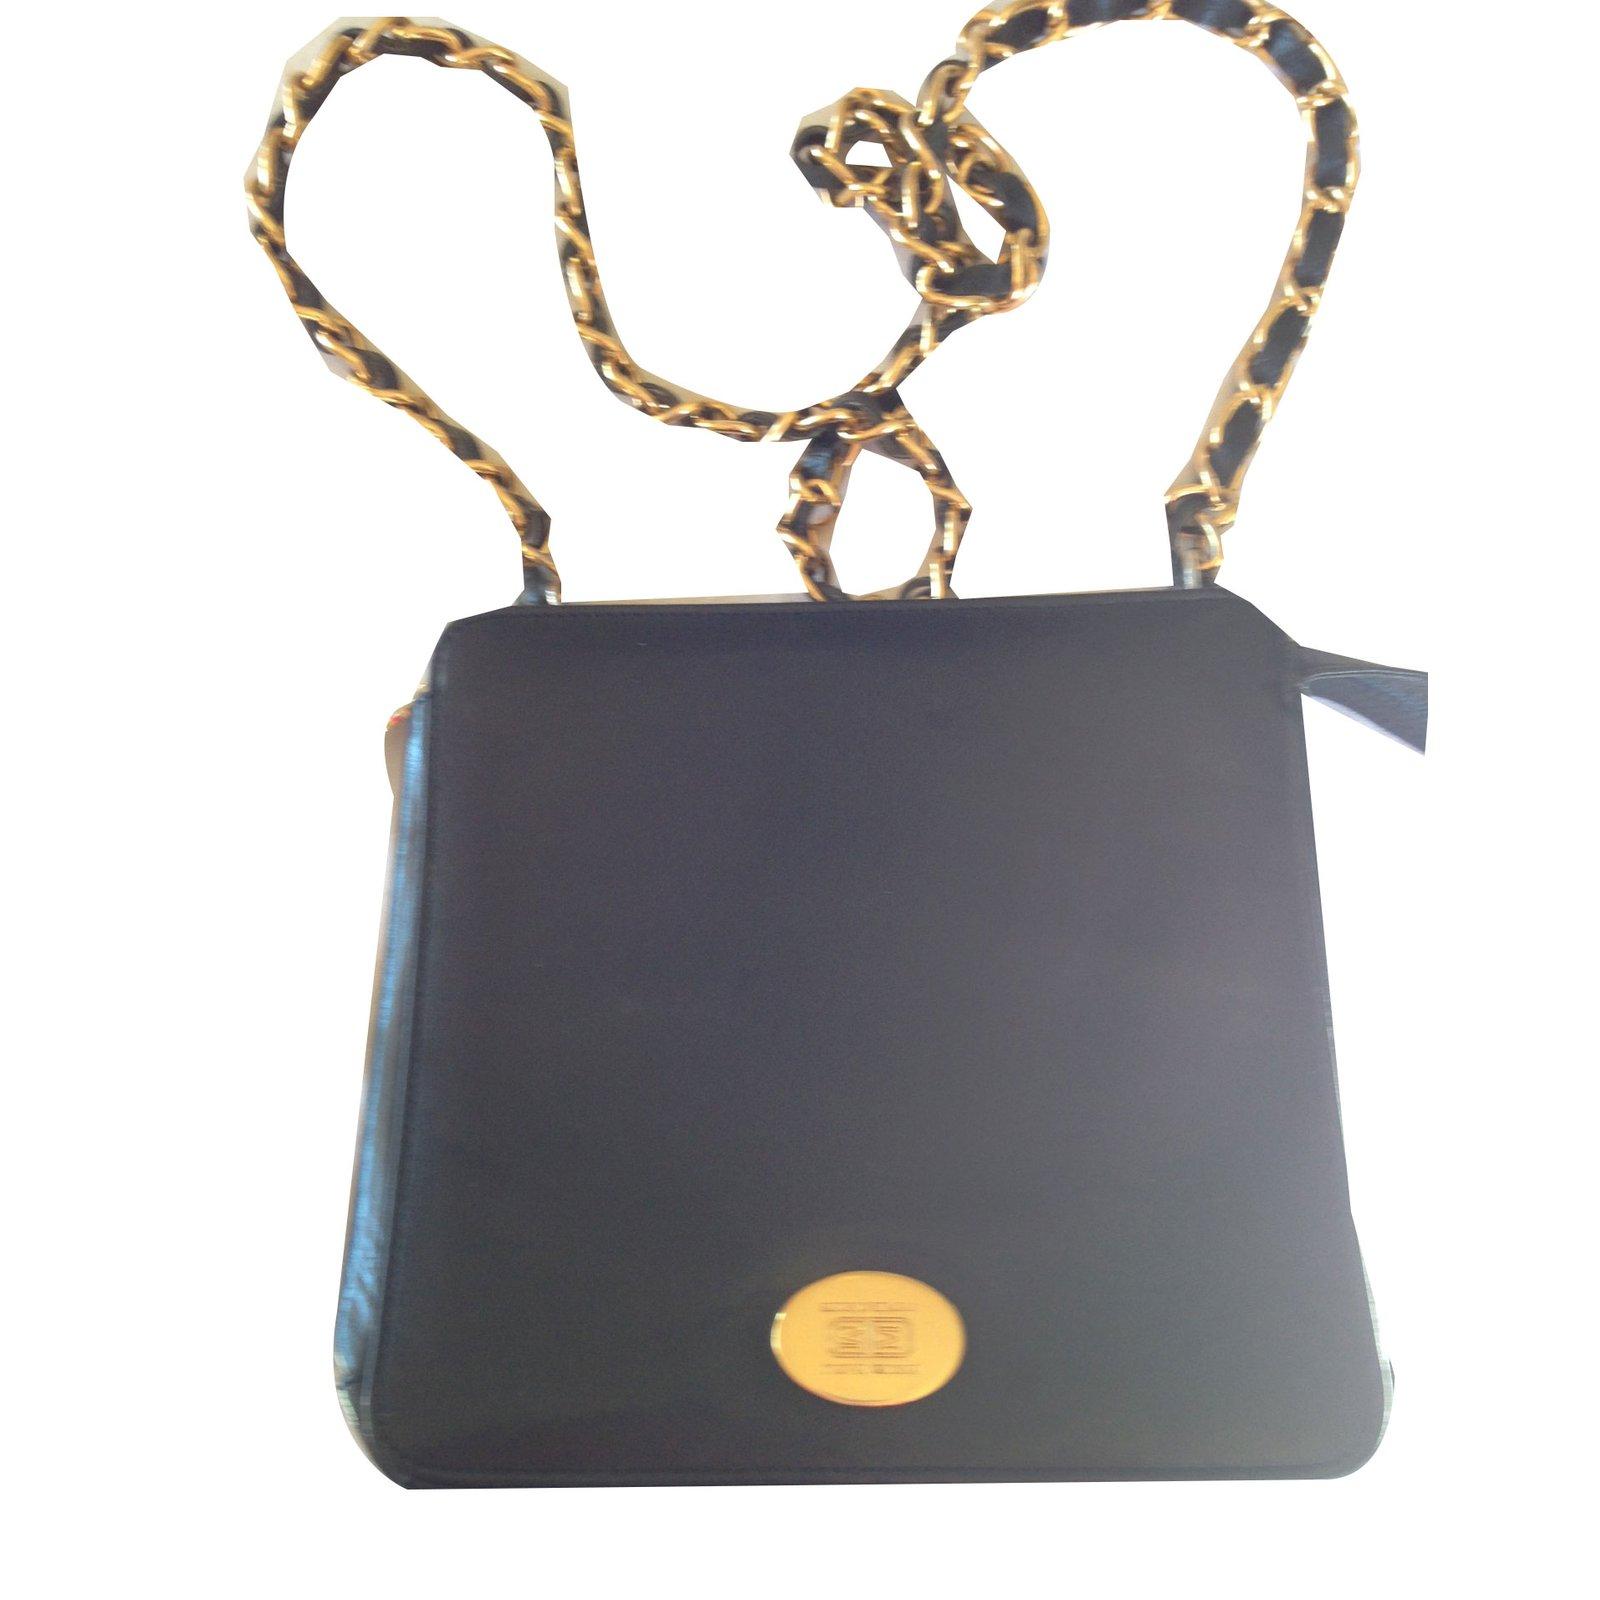 Bruno Magli Handbags Leather Black Ref 65187